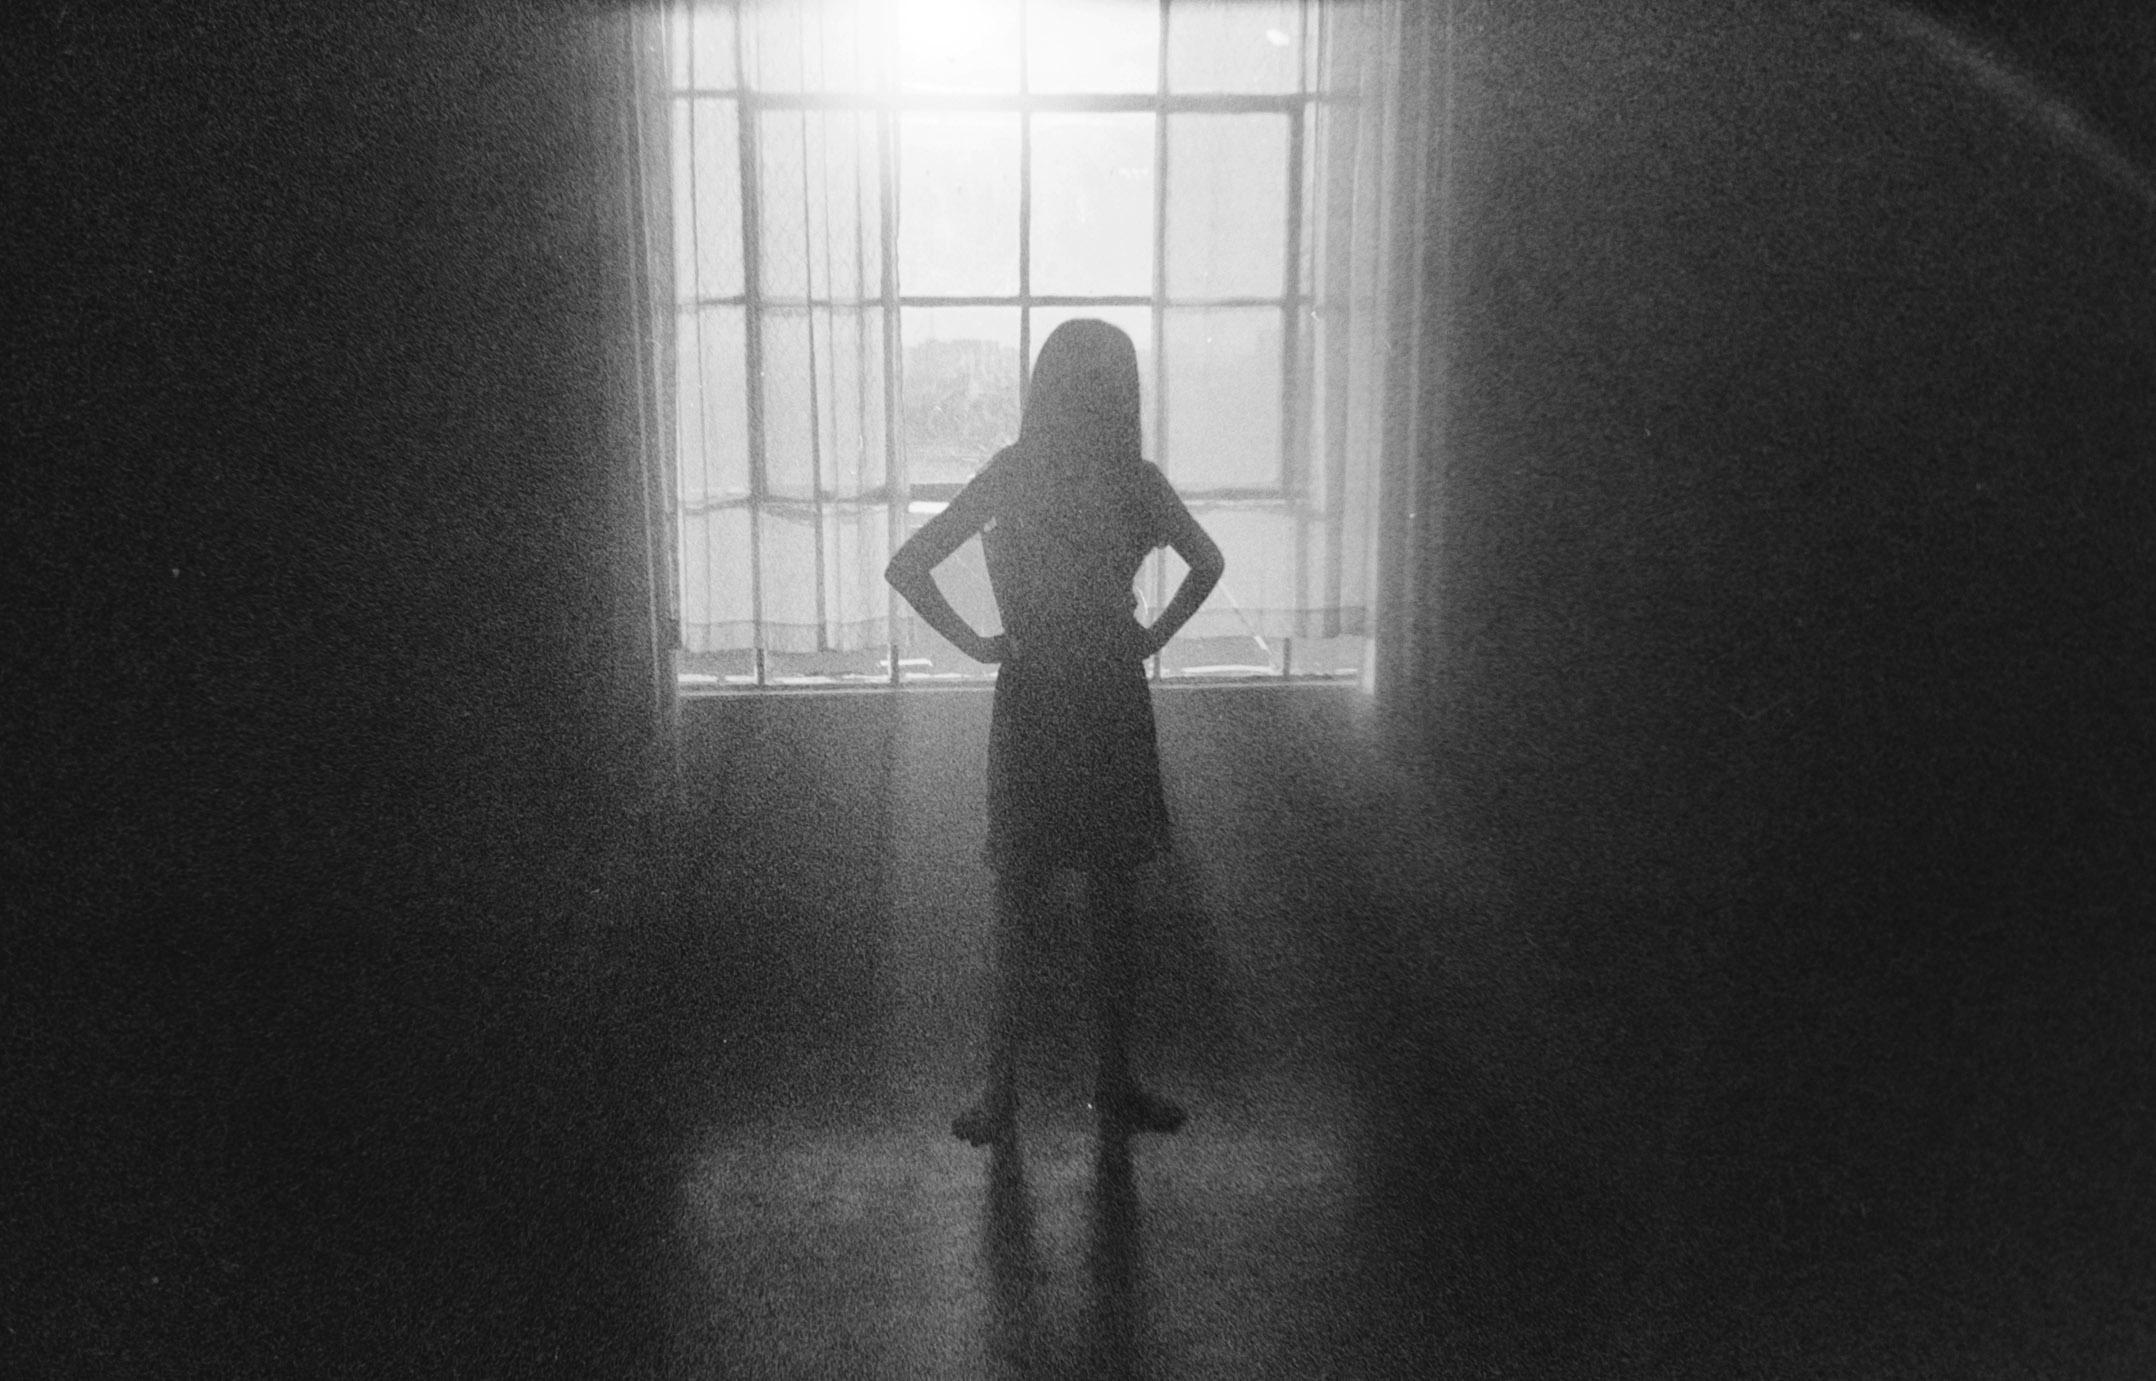 WINDOW_SILOETTE